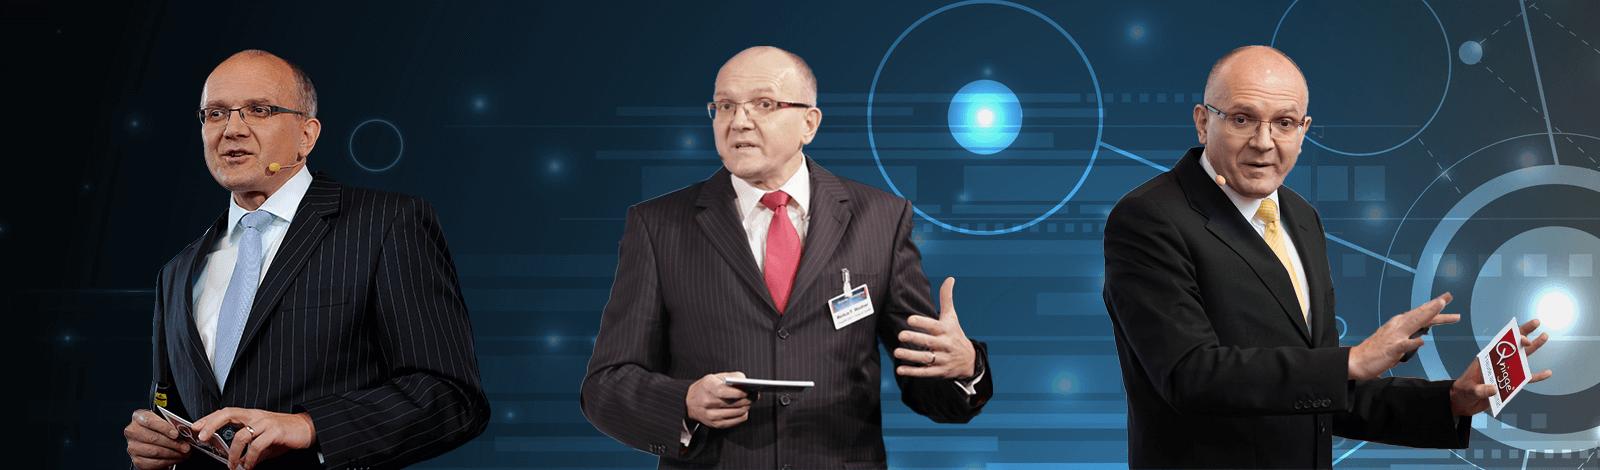 Markus Weidner in drei Vortragspositionen